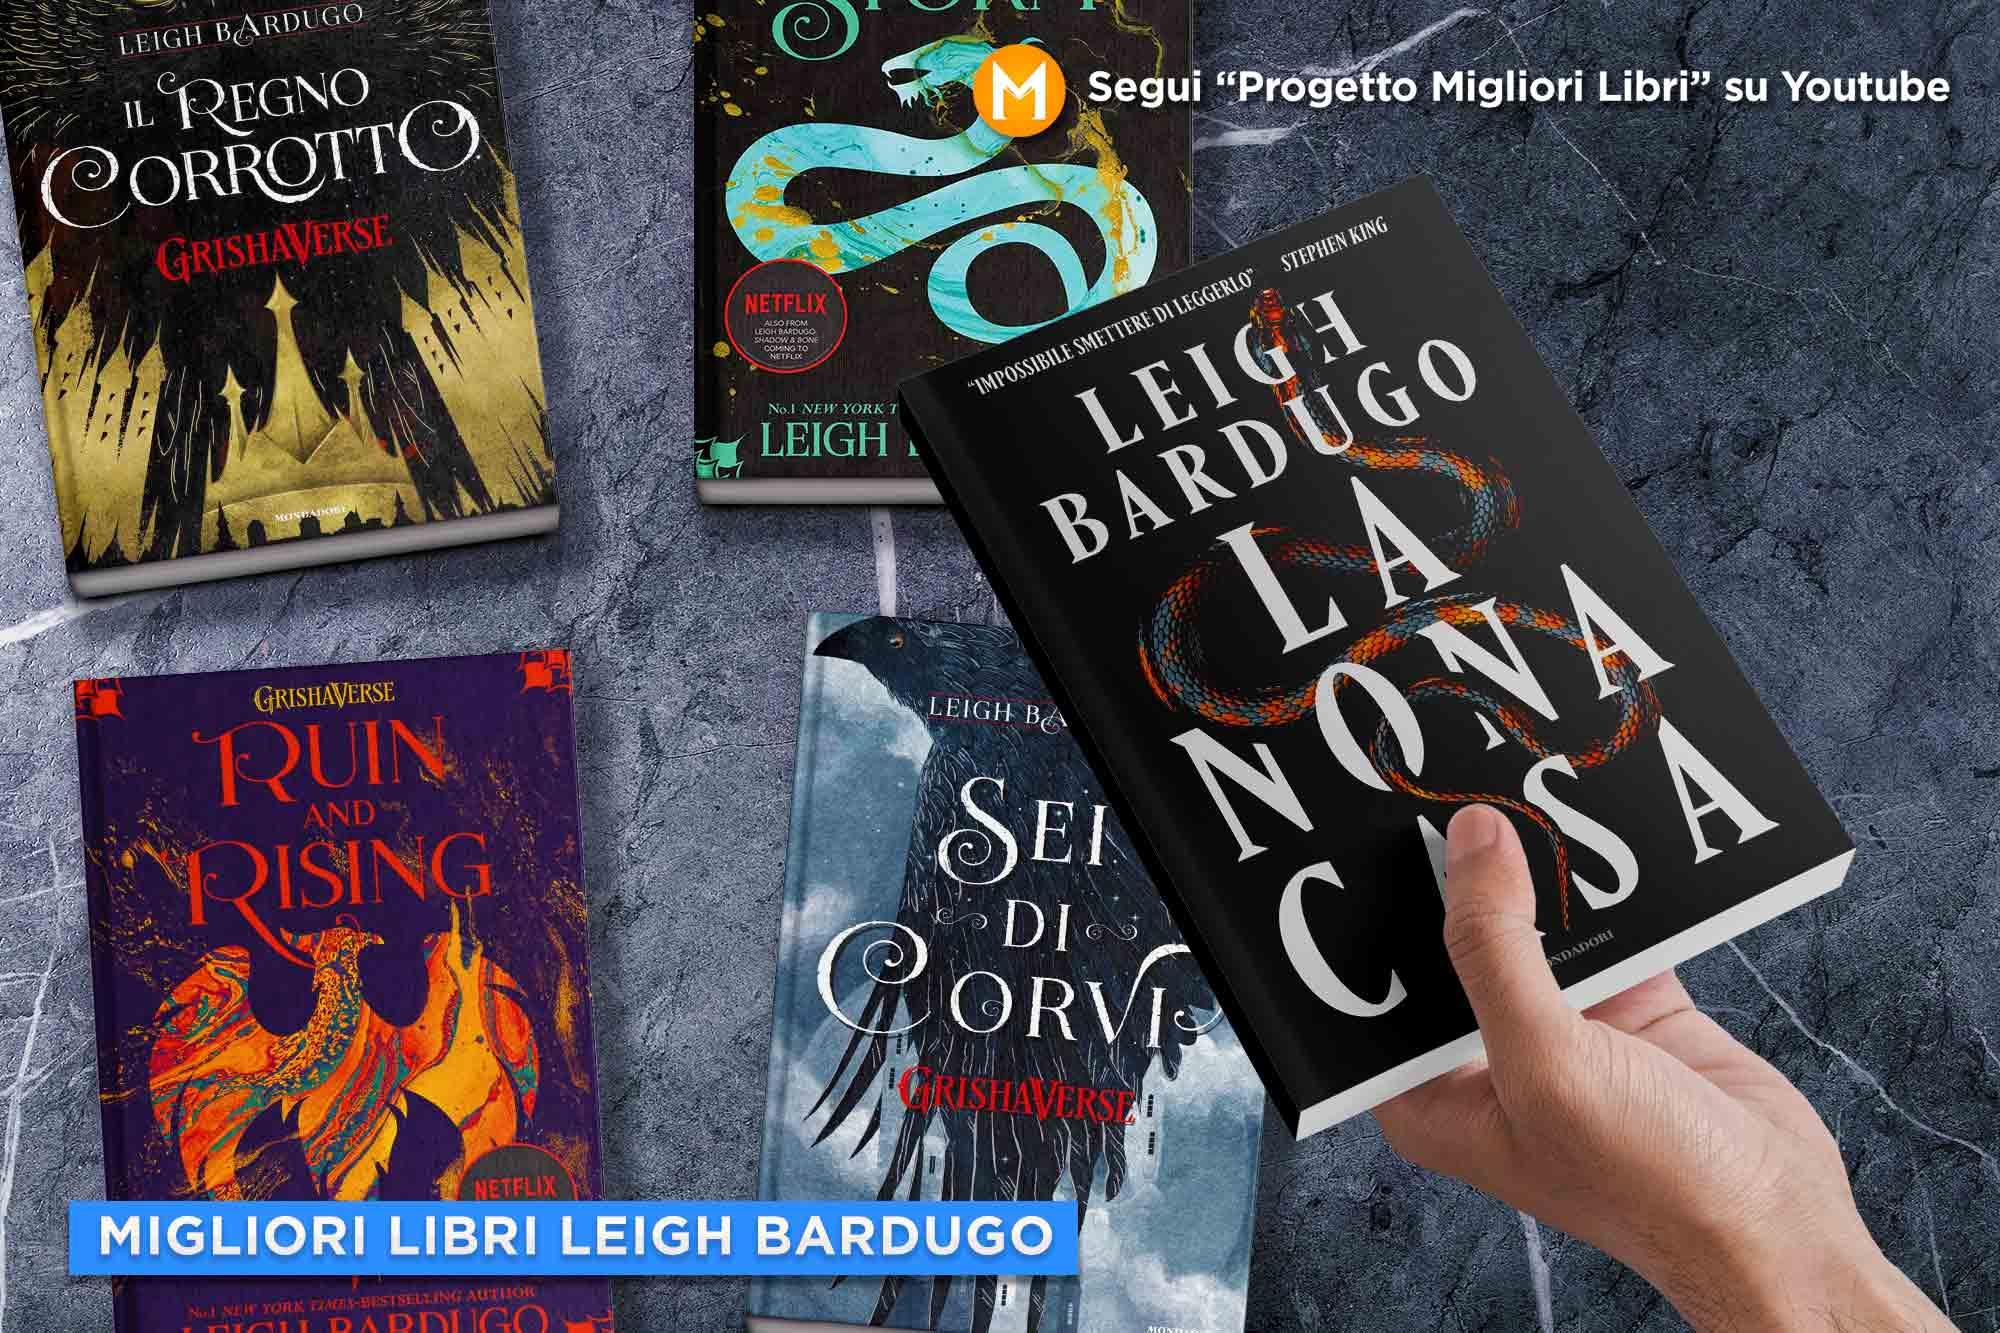 migliori-libri-leigh-bardugo